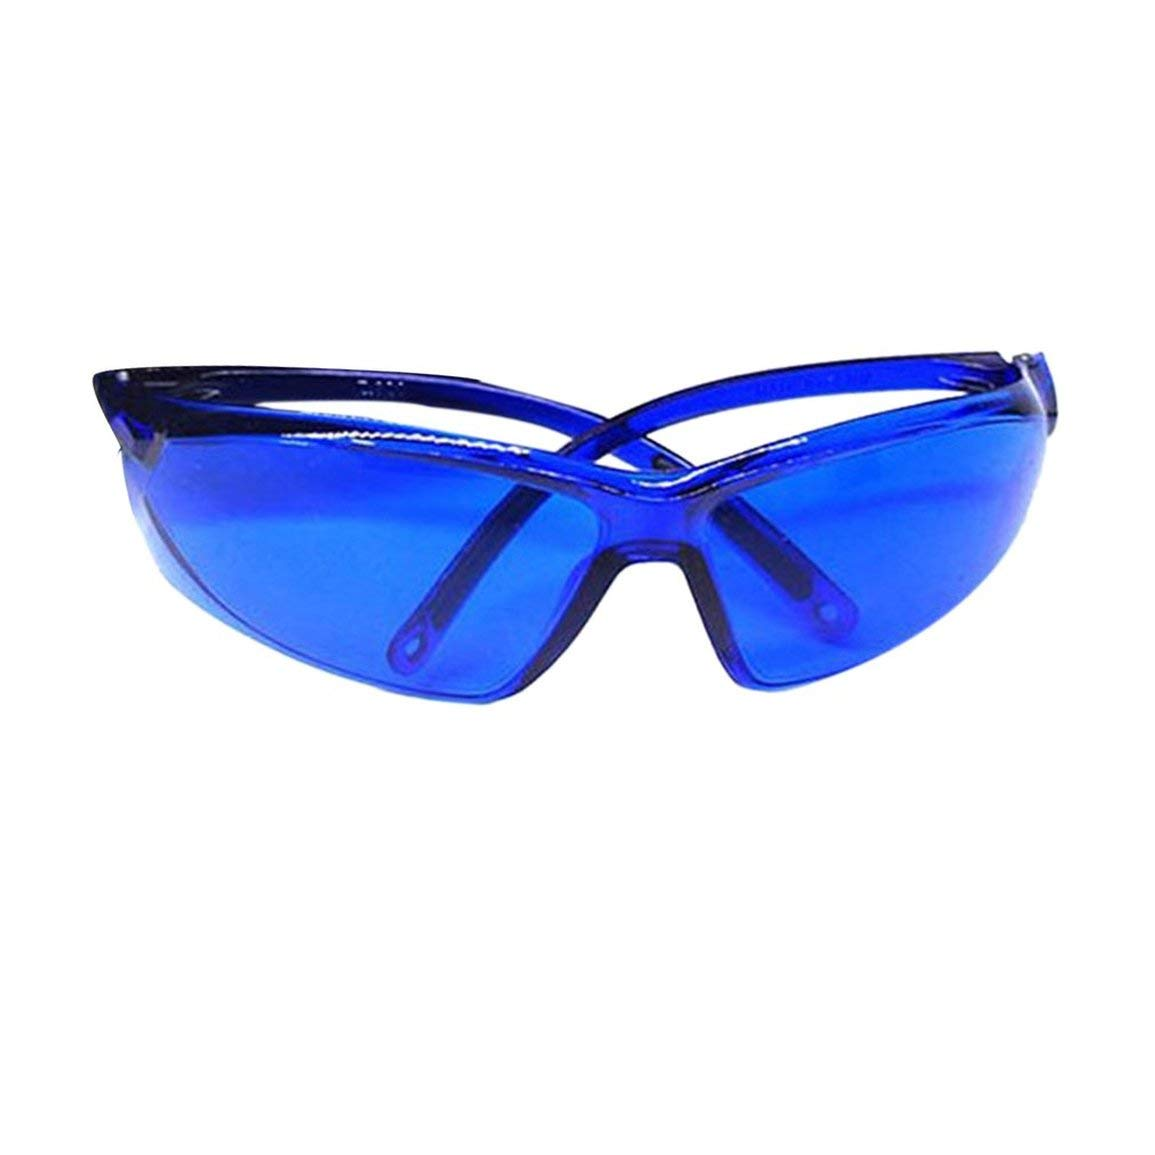 IPL-Brille für IPL-Beauty-Operator Schutzbrille mit roter Laserschutzbrille